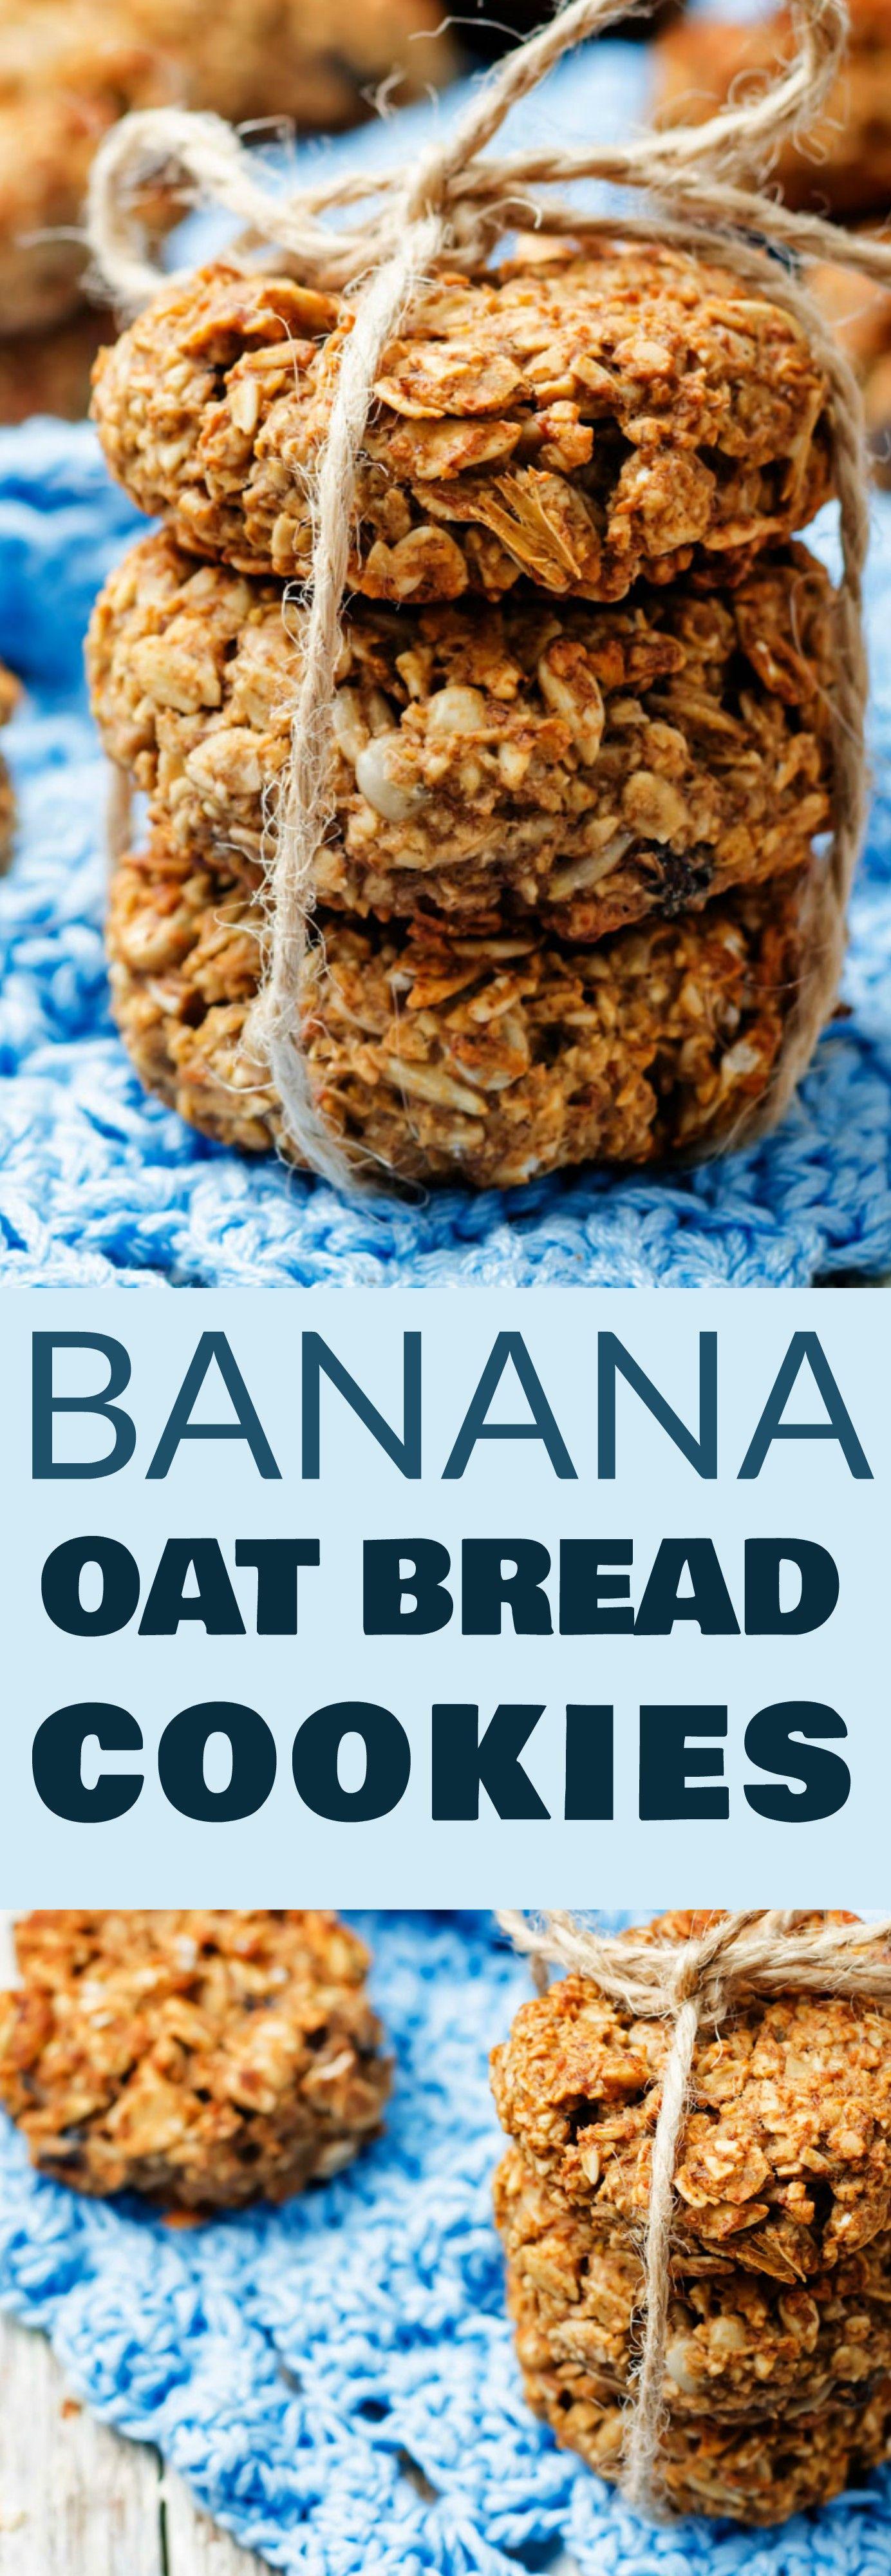 Banana Oat Cookies Recipe Banana oat bread, Banana oat